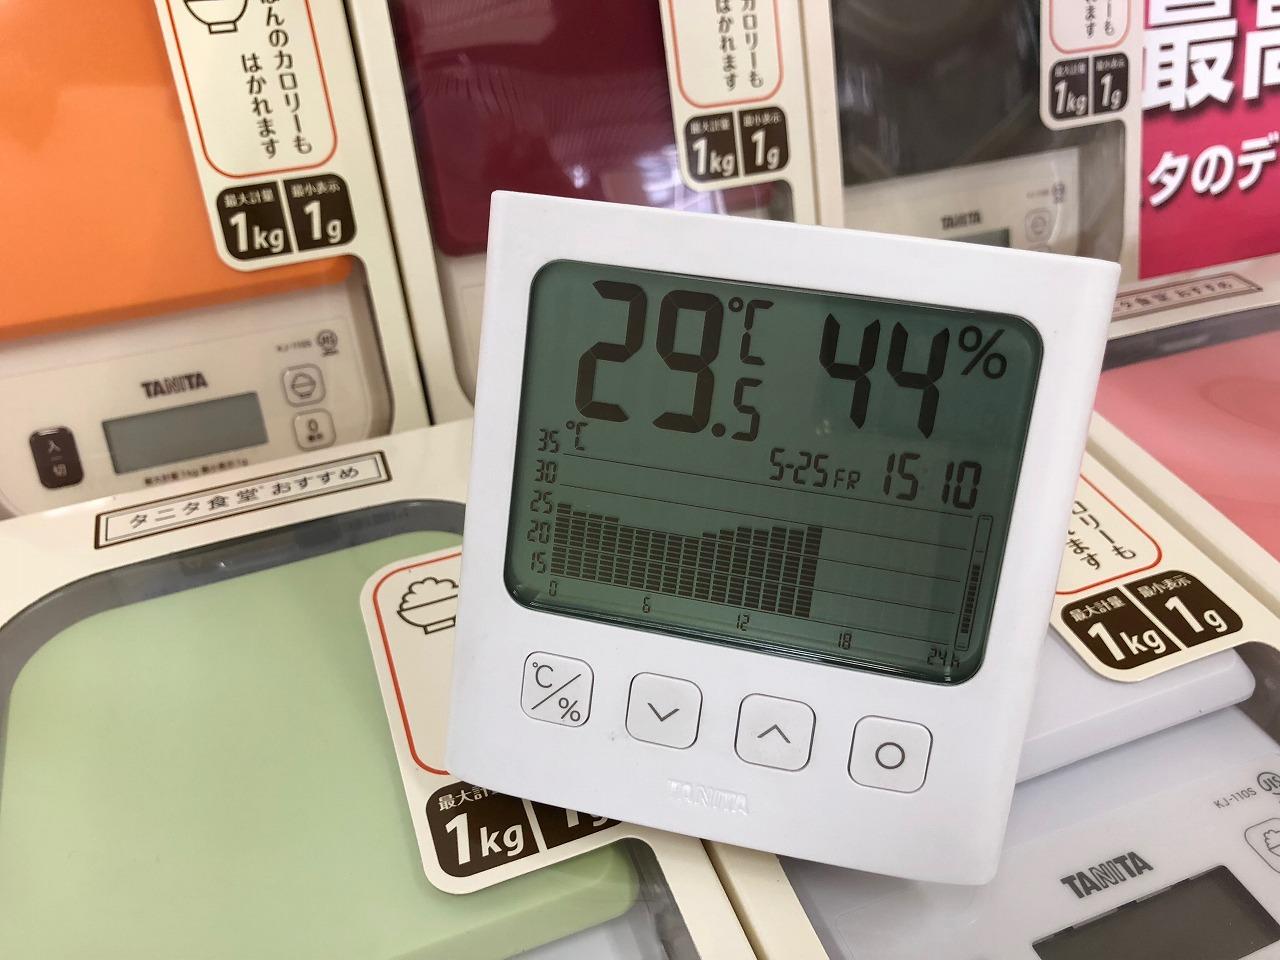 2018.5.25 はかりや店内の温度変化 TT-581